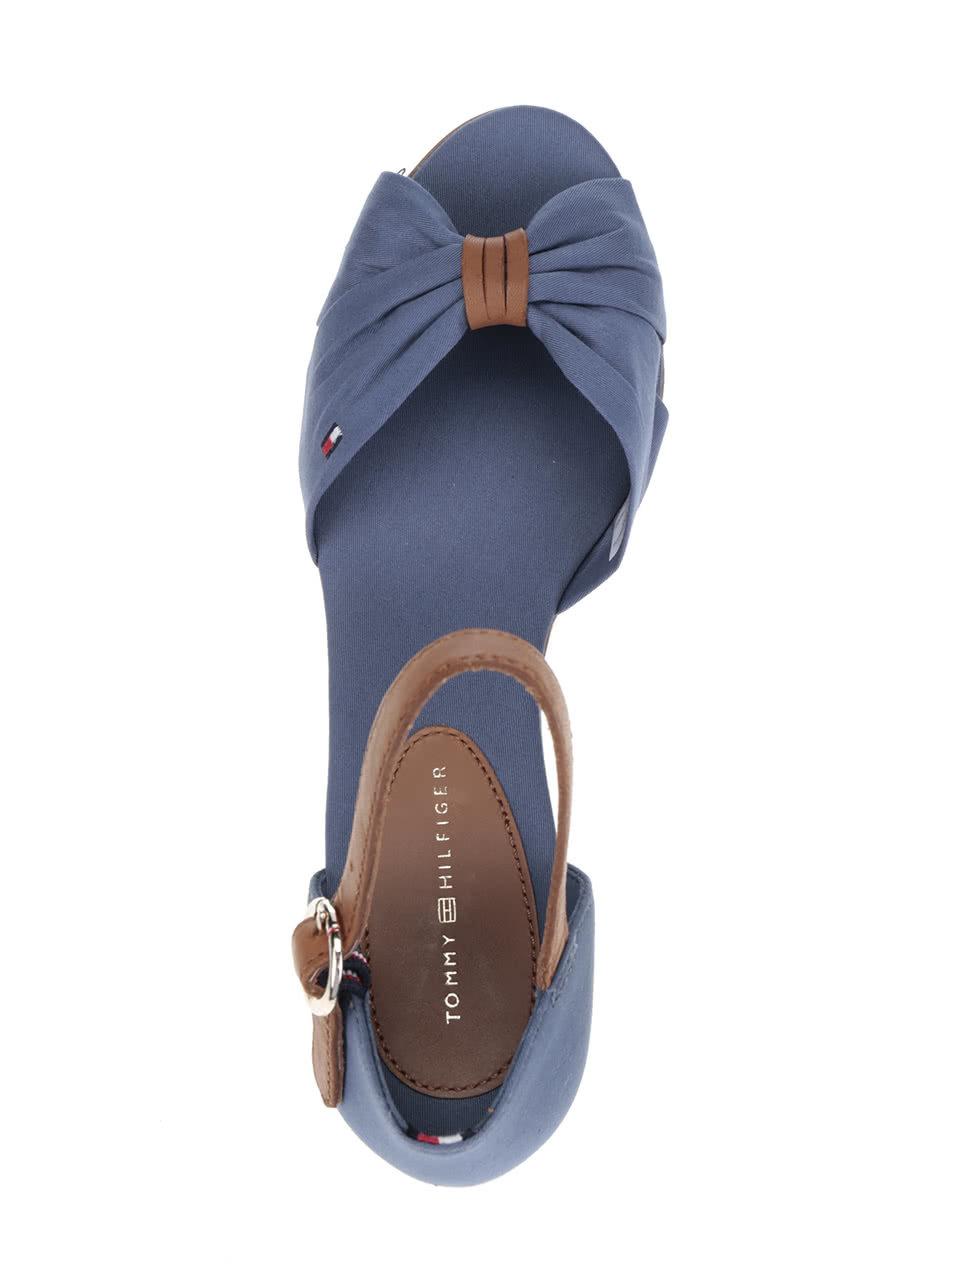 Světle modré dámské sandály na klínku Tommy Hilfiger ... 000e75aba8e